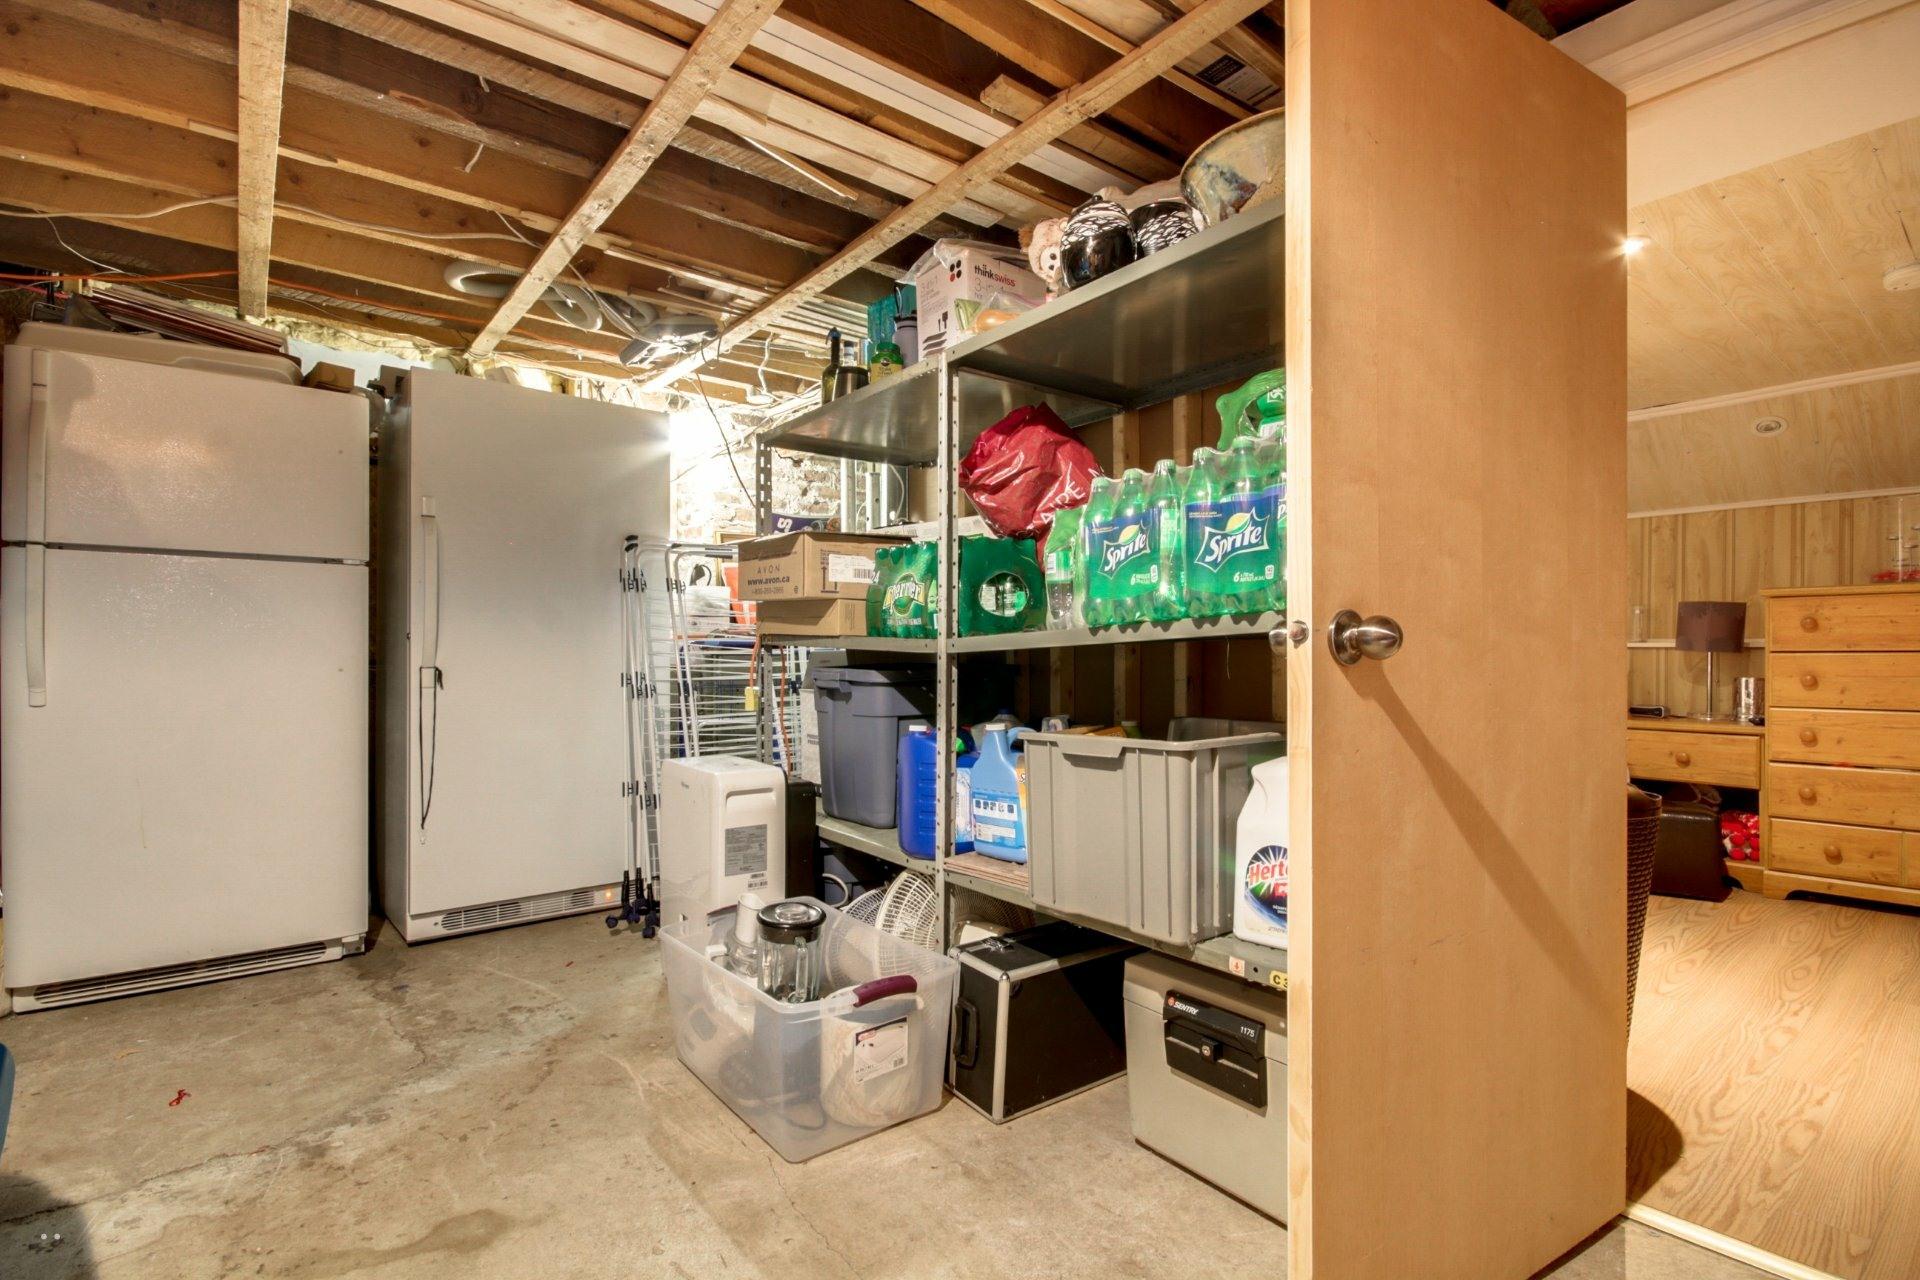 image 27 - Maison À vendre Trois-Rivières - 10 pièces